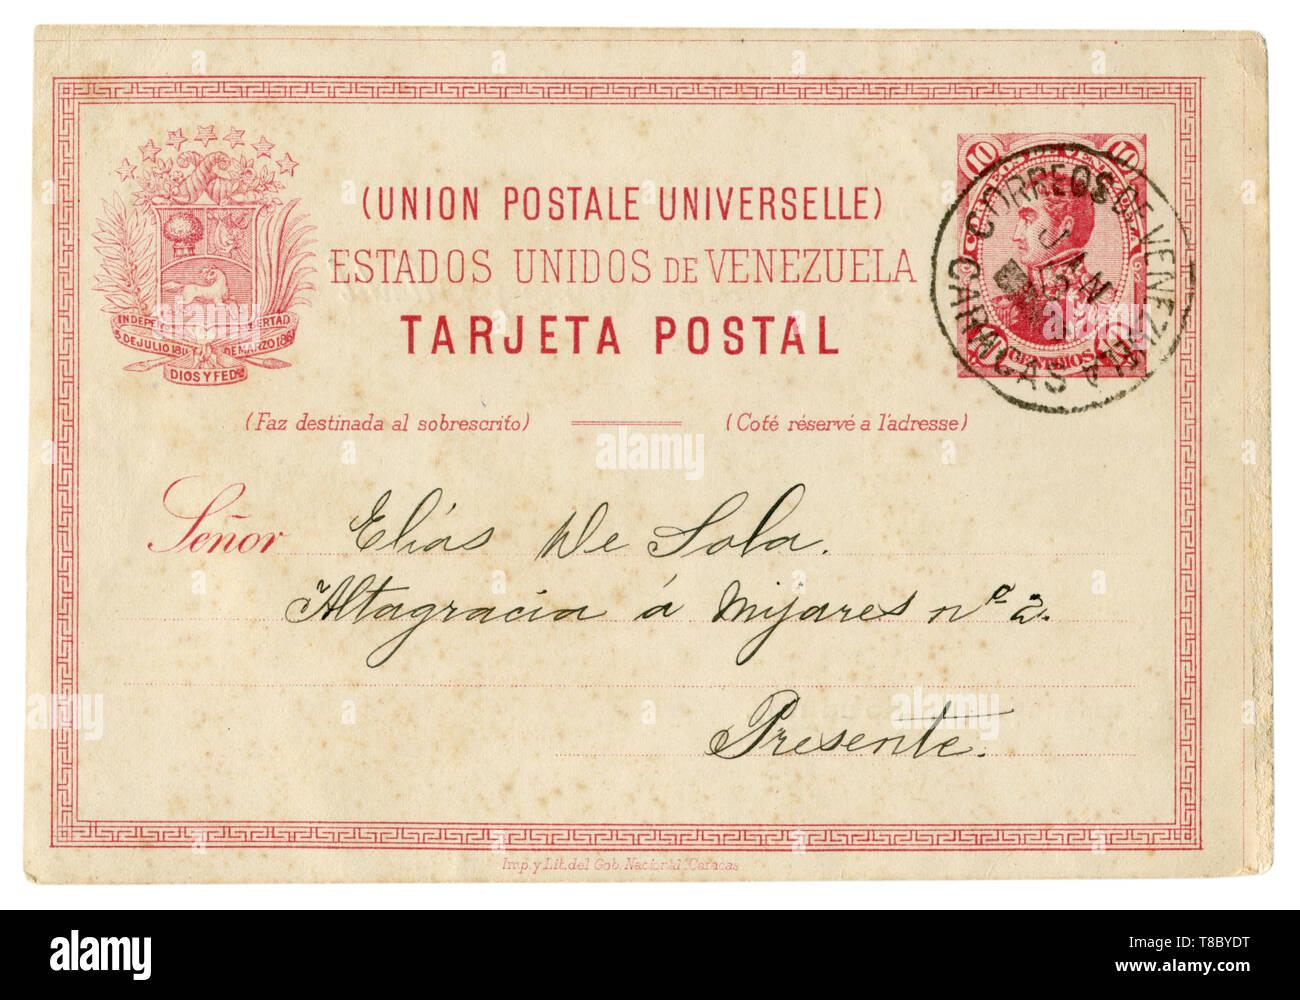 Caracas, Venezuela - 13 janvier 1895: Carte postale historique vénézuélien avec châssis à motifs rouge rose, imprimé stamp Simon Bolivar, 10 CENTIMOS Photo Stock